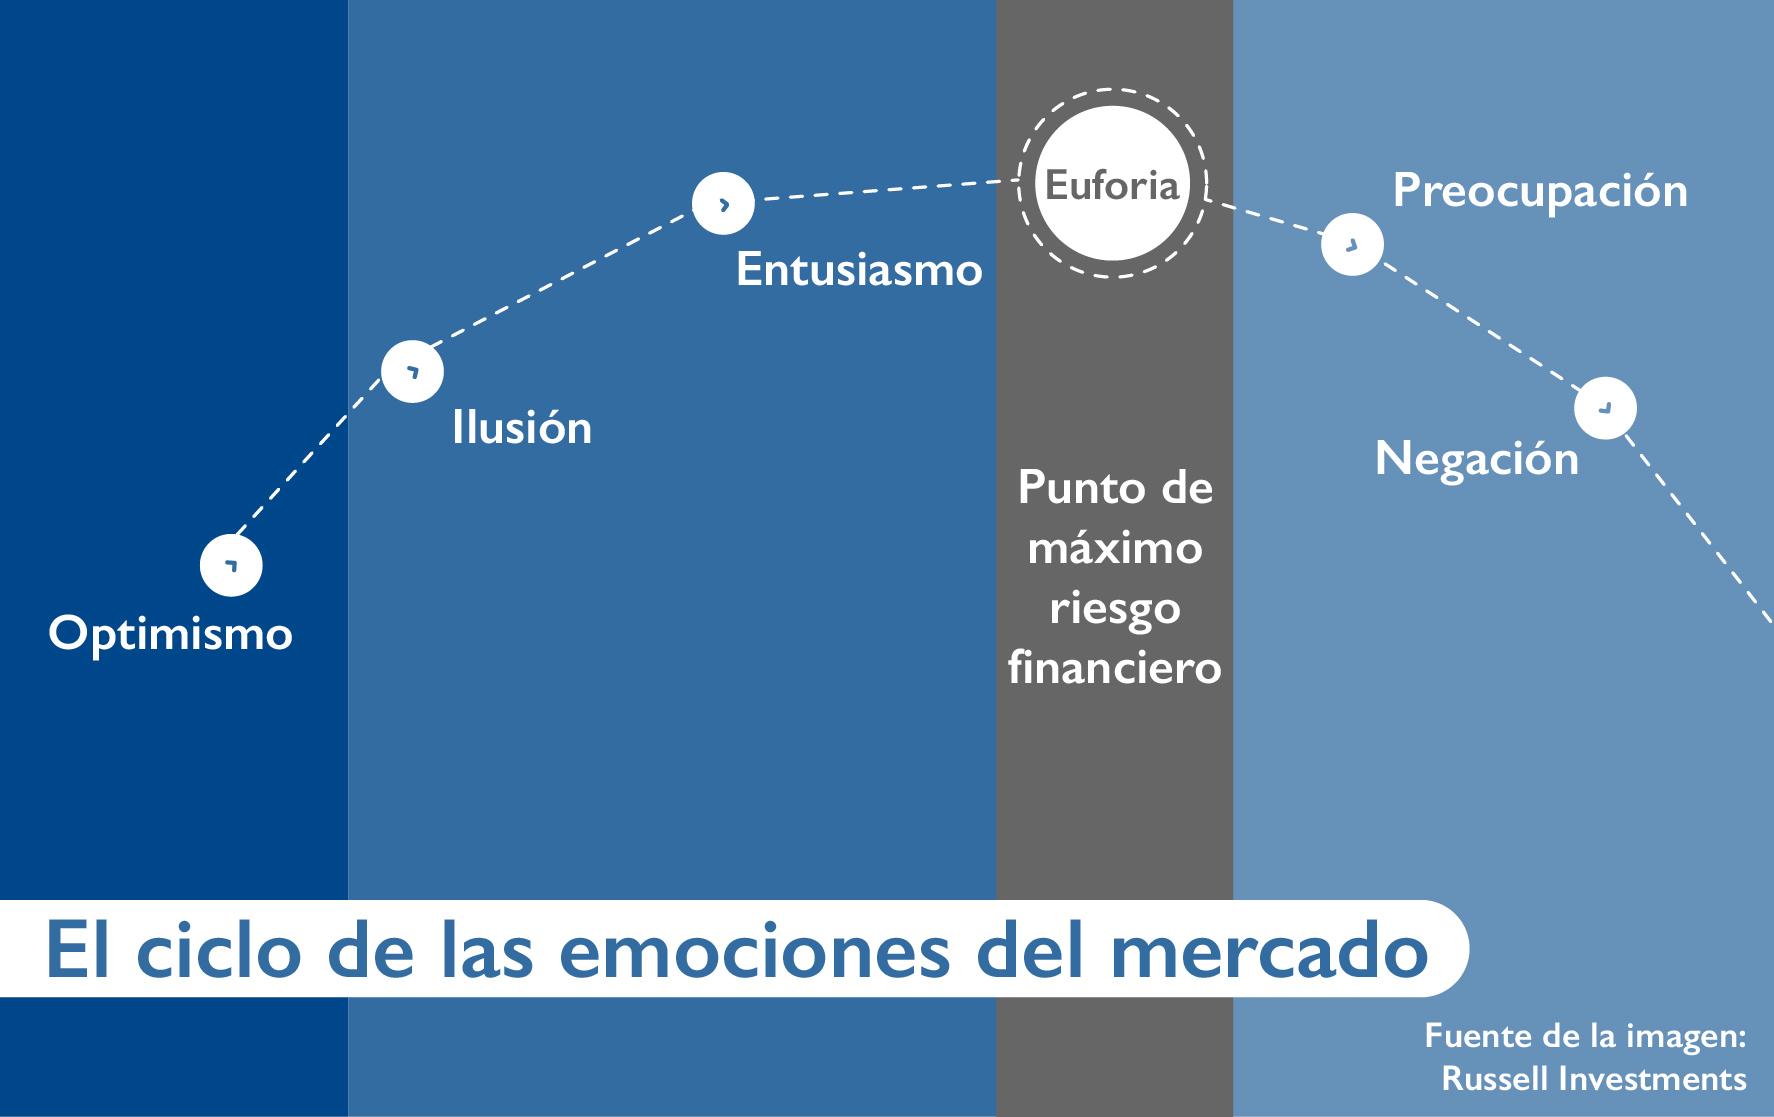 ciclo sentimientos emociones del mercado 1